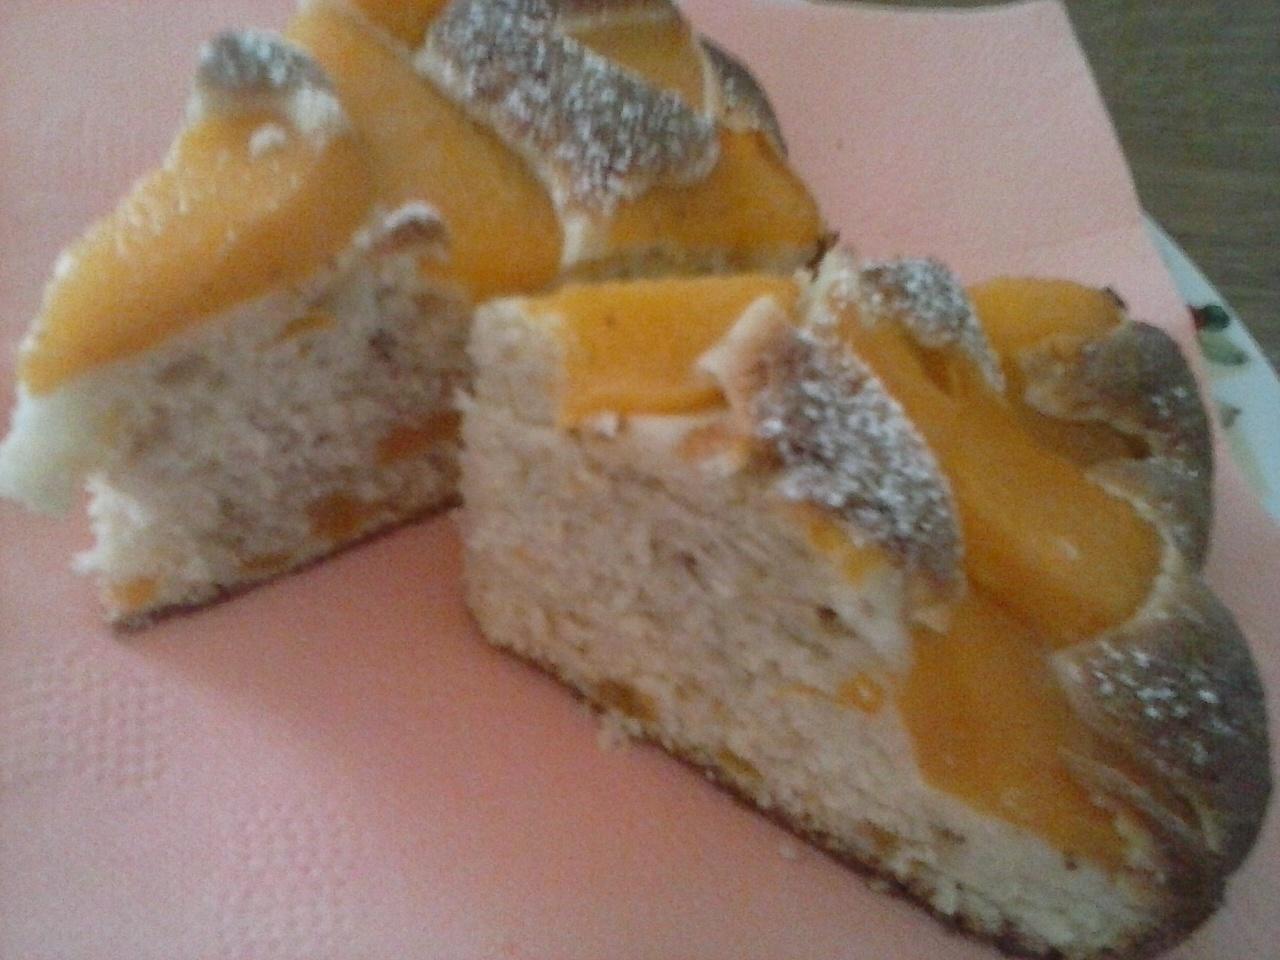 Recept Rychlý koláč s broskvovým kompotem - Rychlý koláč s broskvovým kompotem